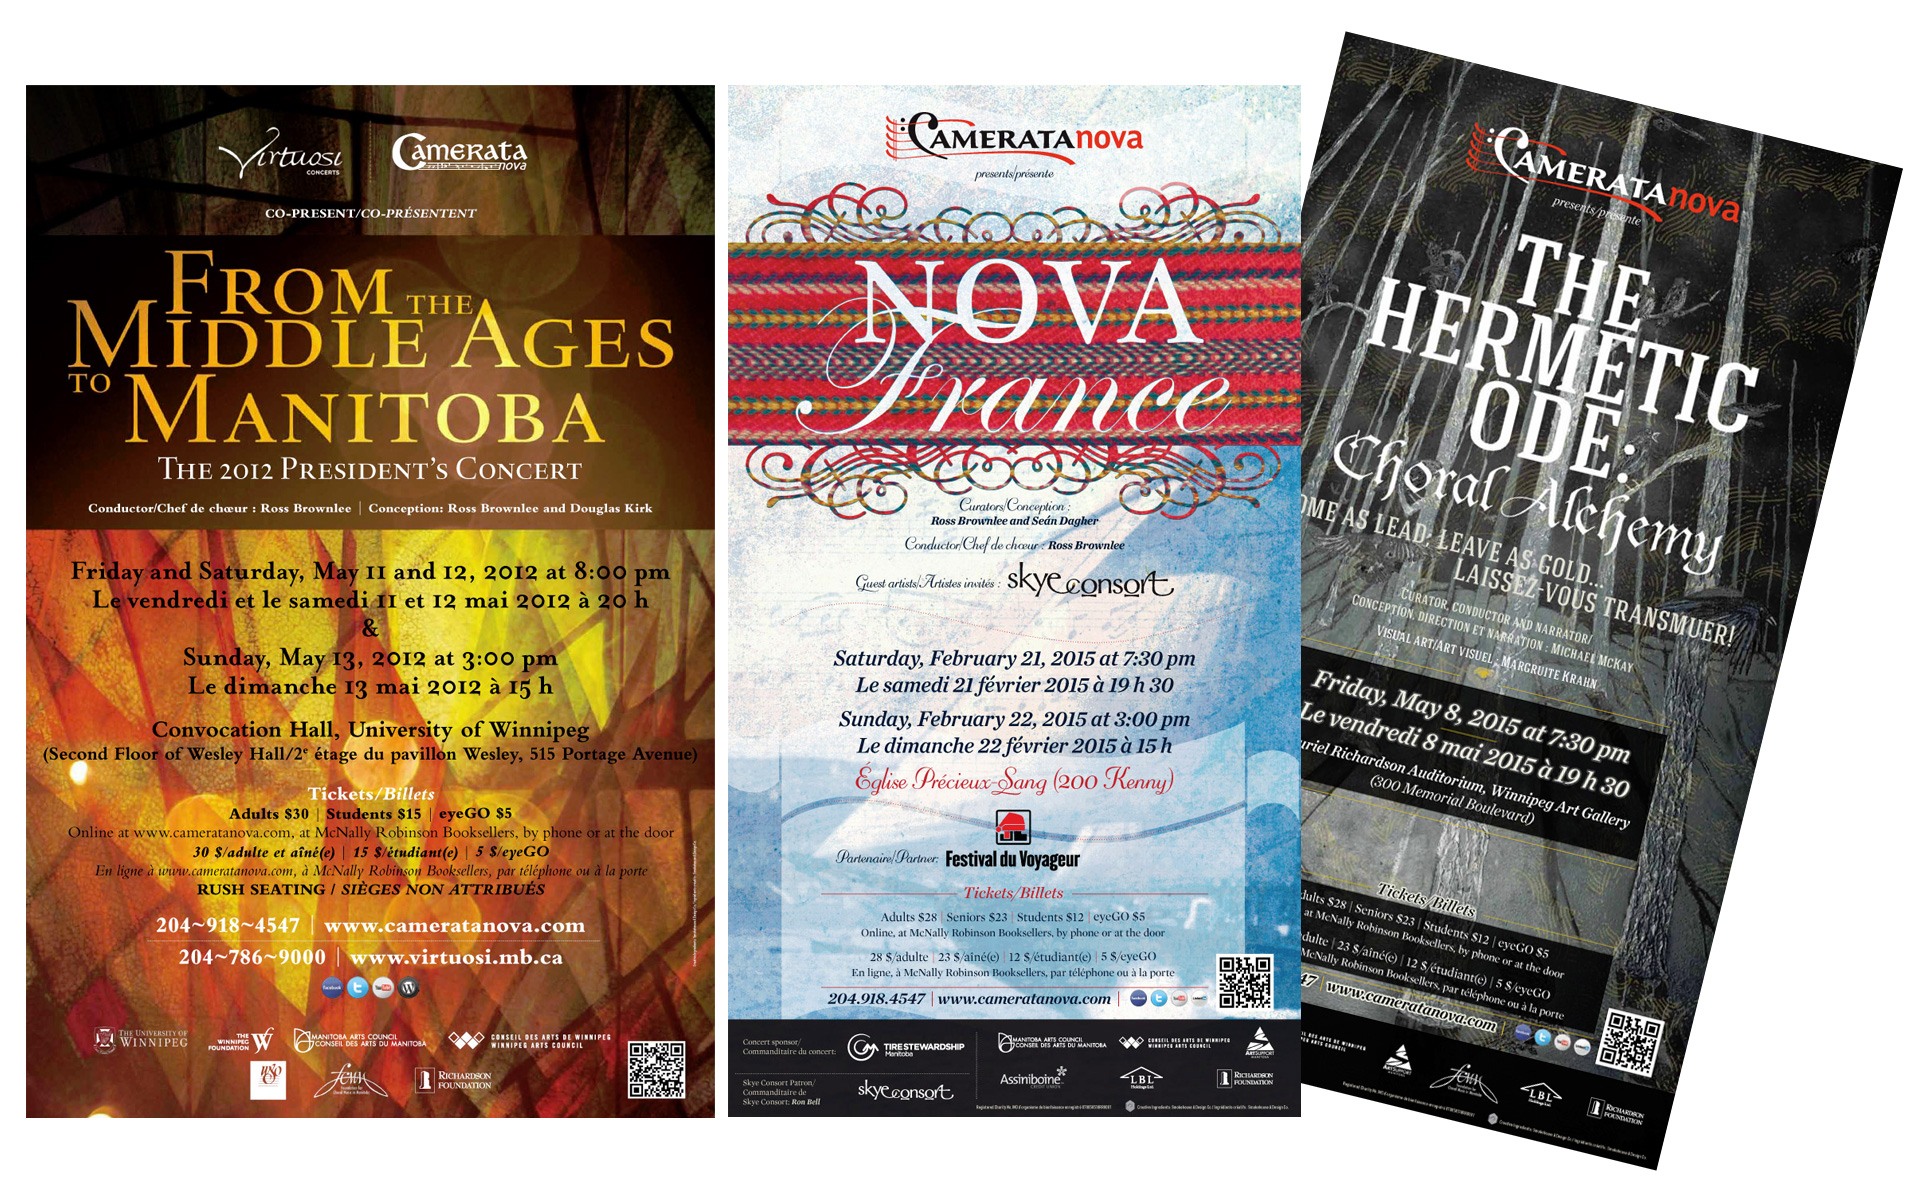 Camerata Nova Concert Posters